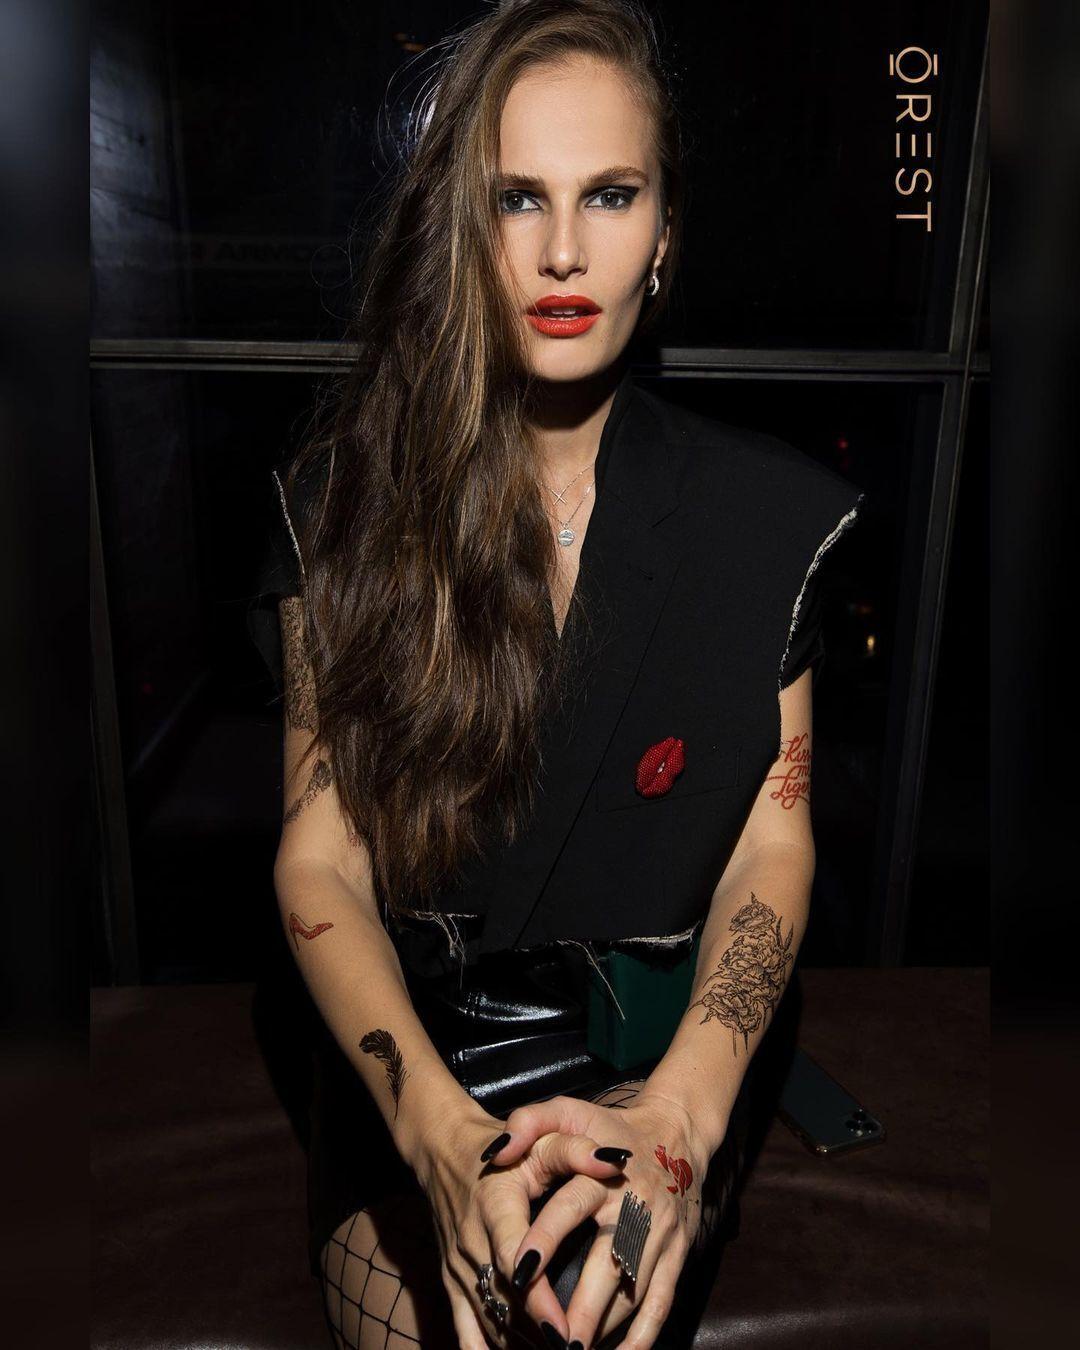 Костромичова призналась, что имела на шоу размытый образ.